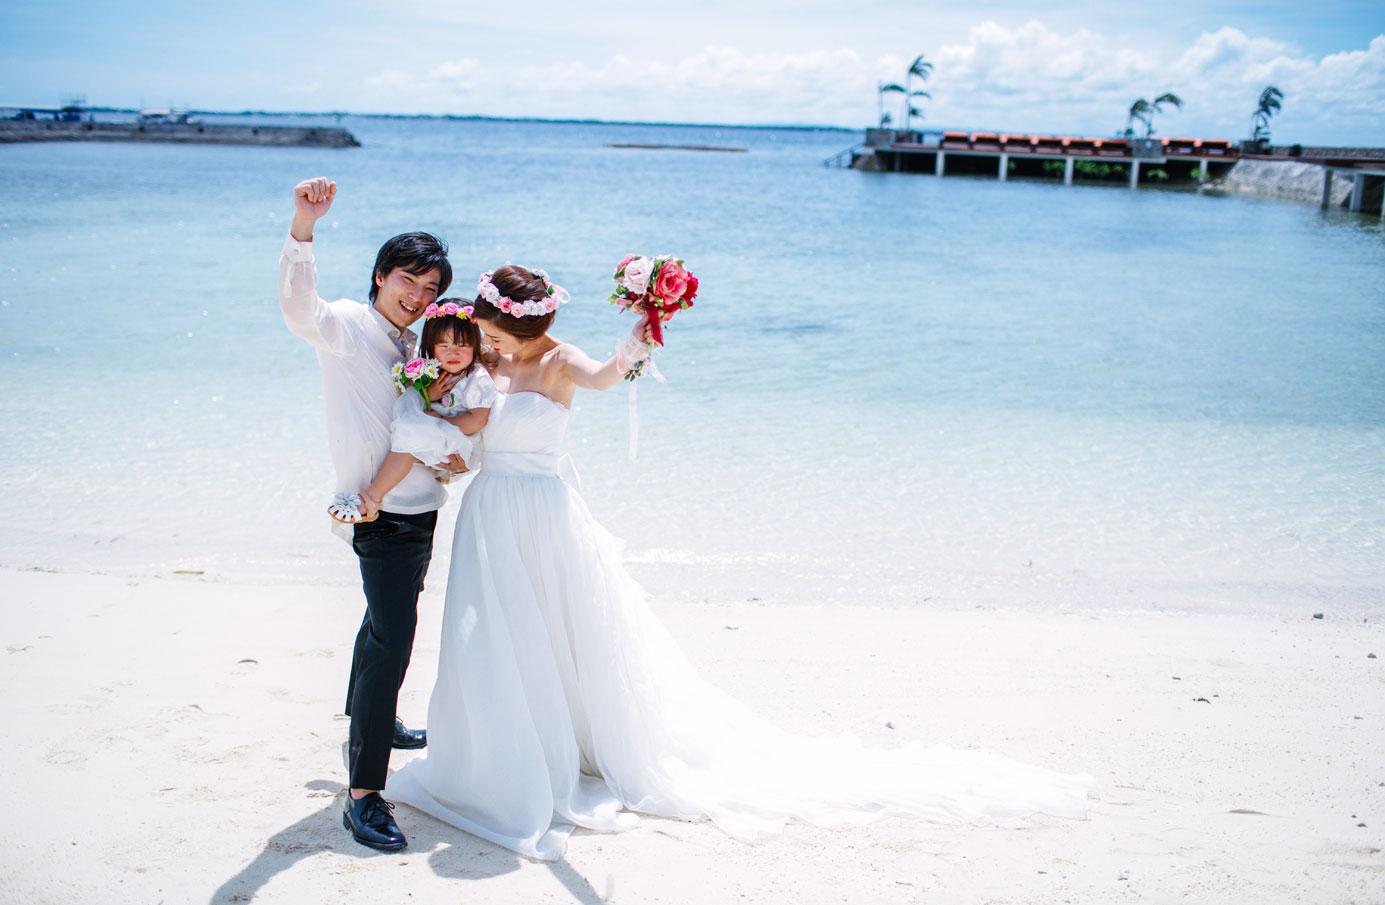 セブフォトウエディング セブカメラマン日本人 セブ島ビーチフォト セブ撮影